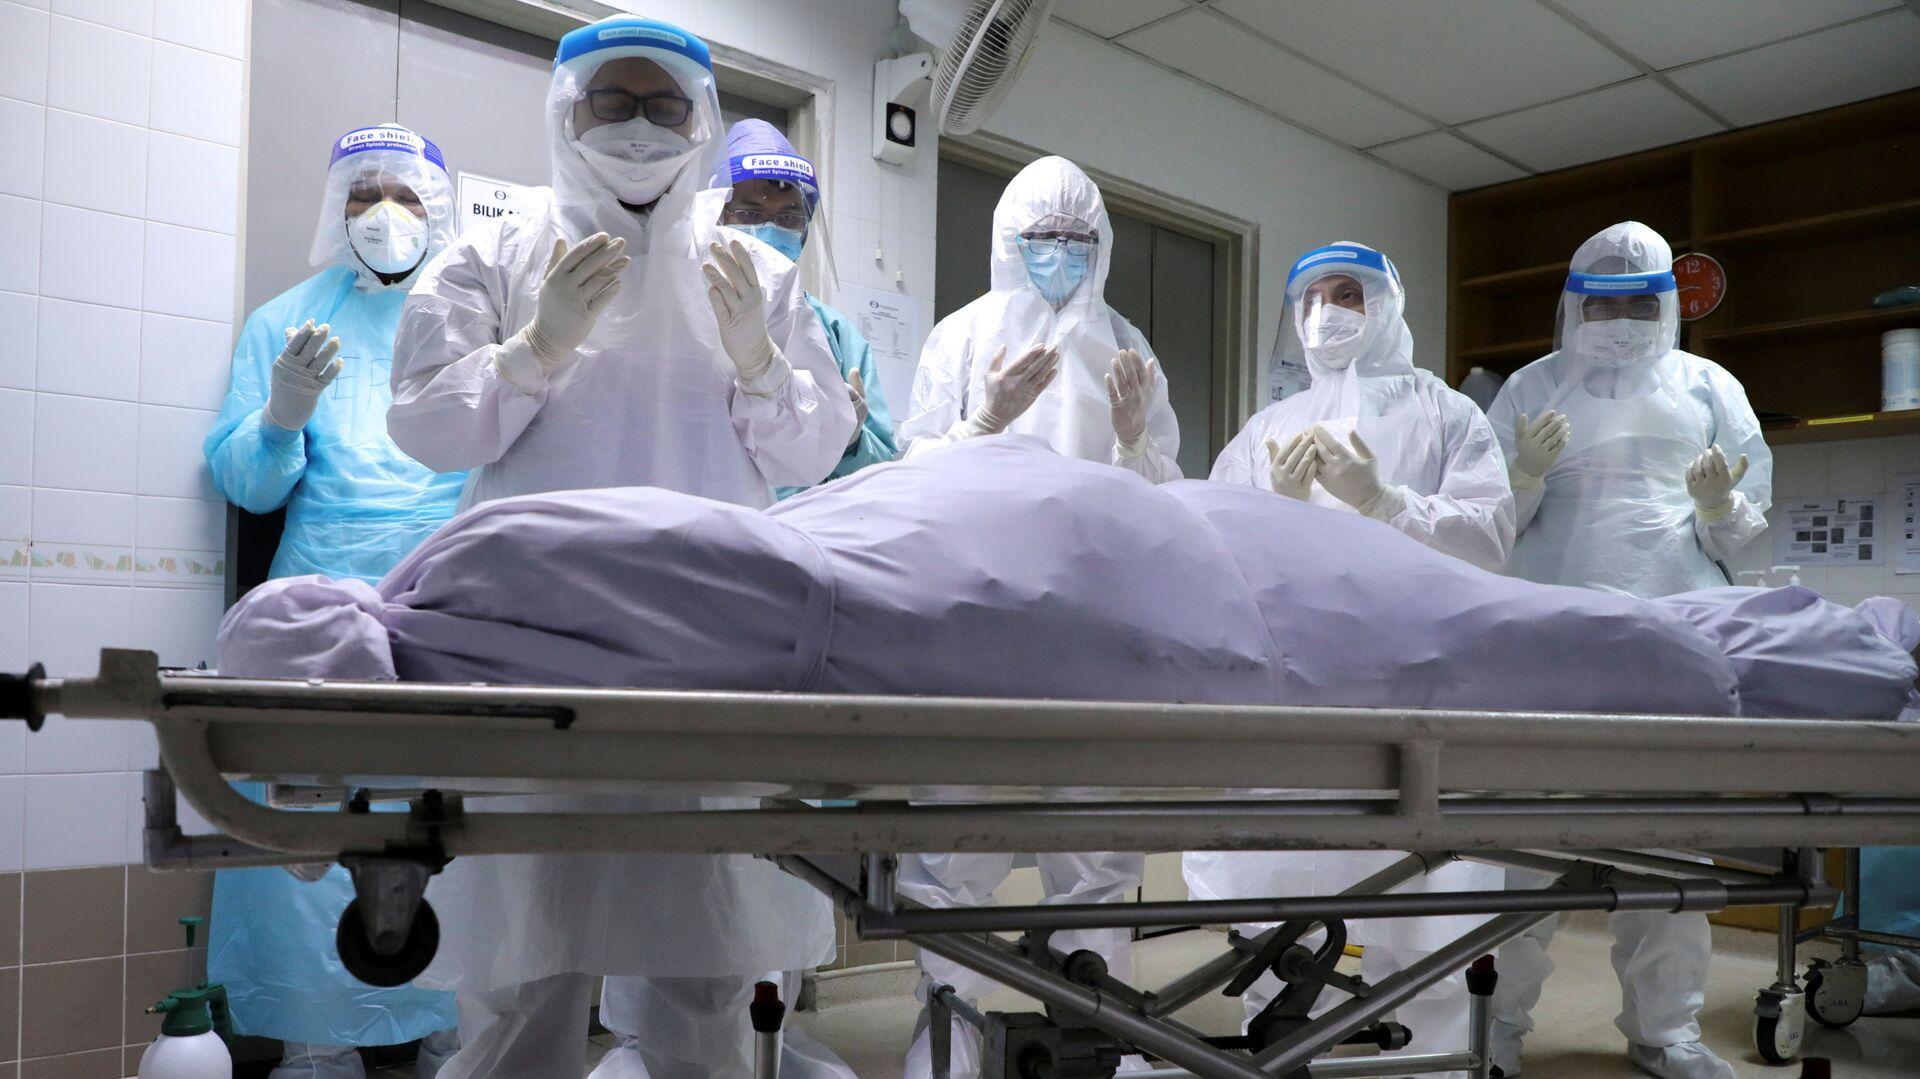 Người nhà của một nạn nhân chết vì COVID đang cầu nguyện tại nhà xác bệnh viện ở Kuala Lumpur, Malaysia. - Sputnik Việt Nam, 1920, 27.09.2021